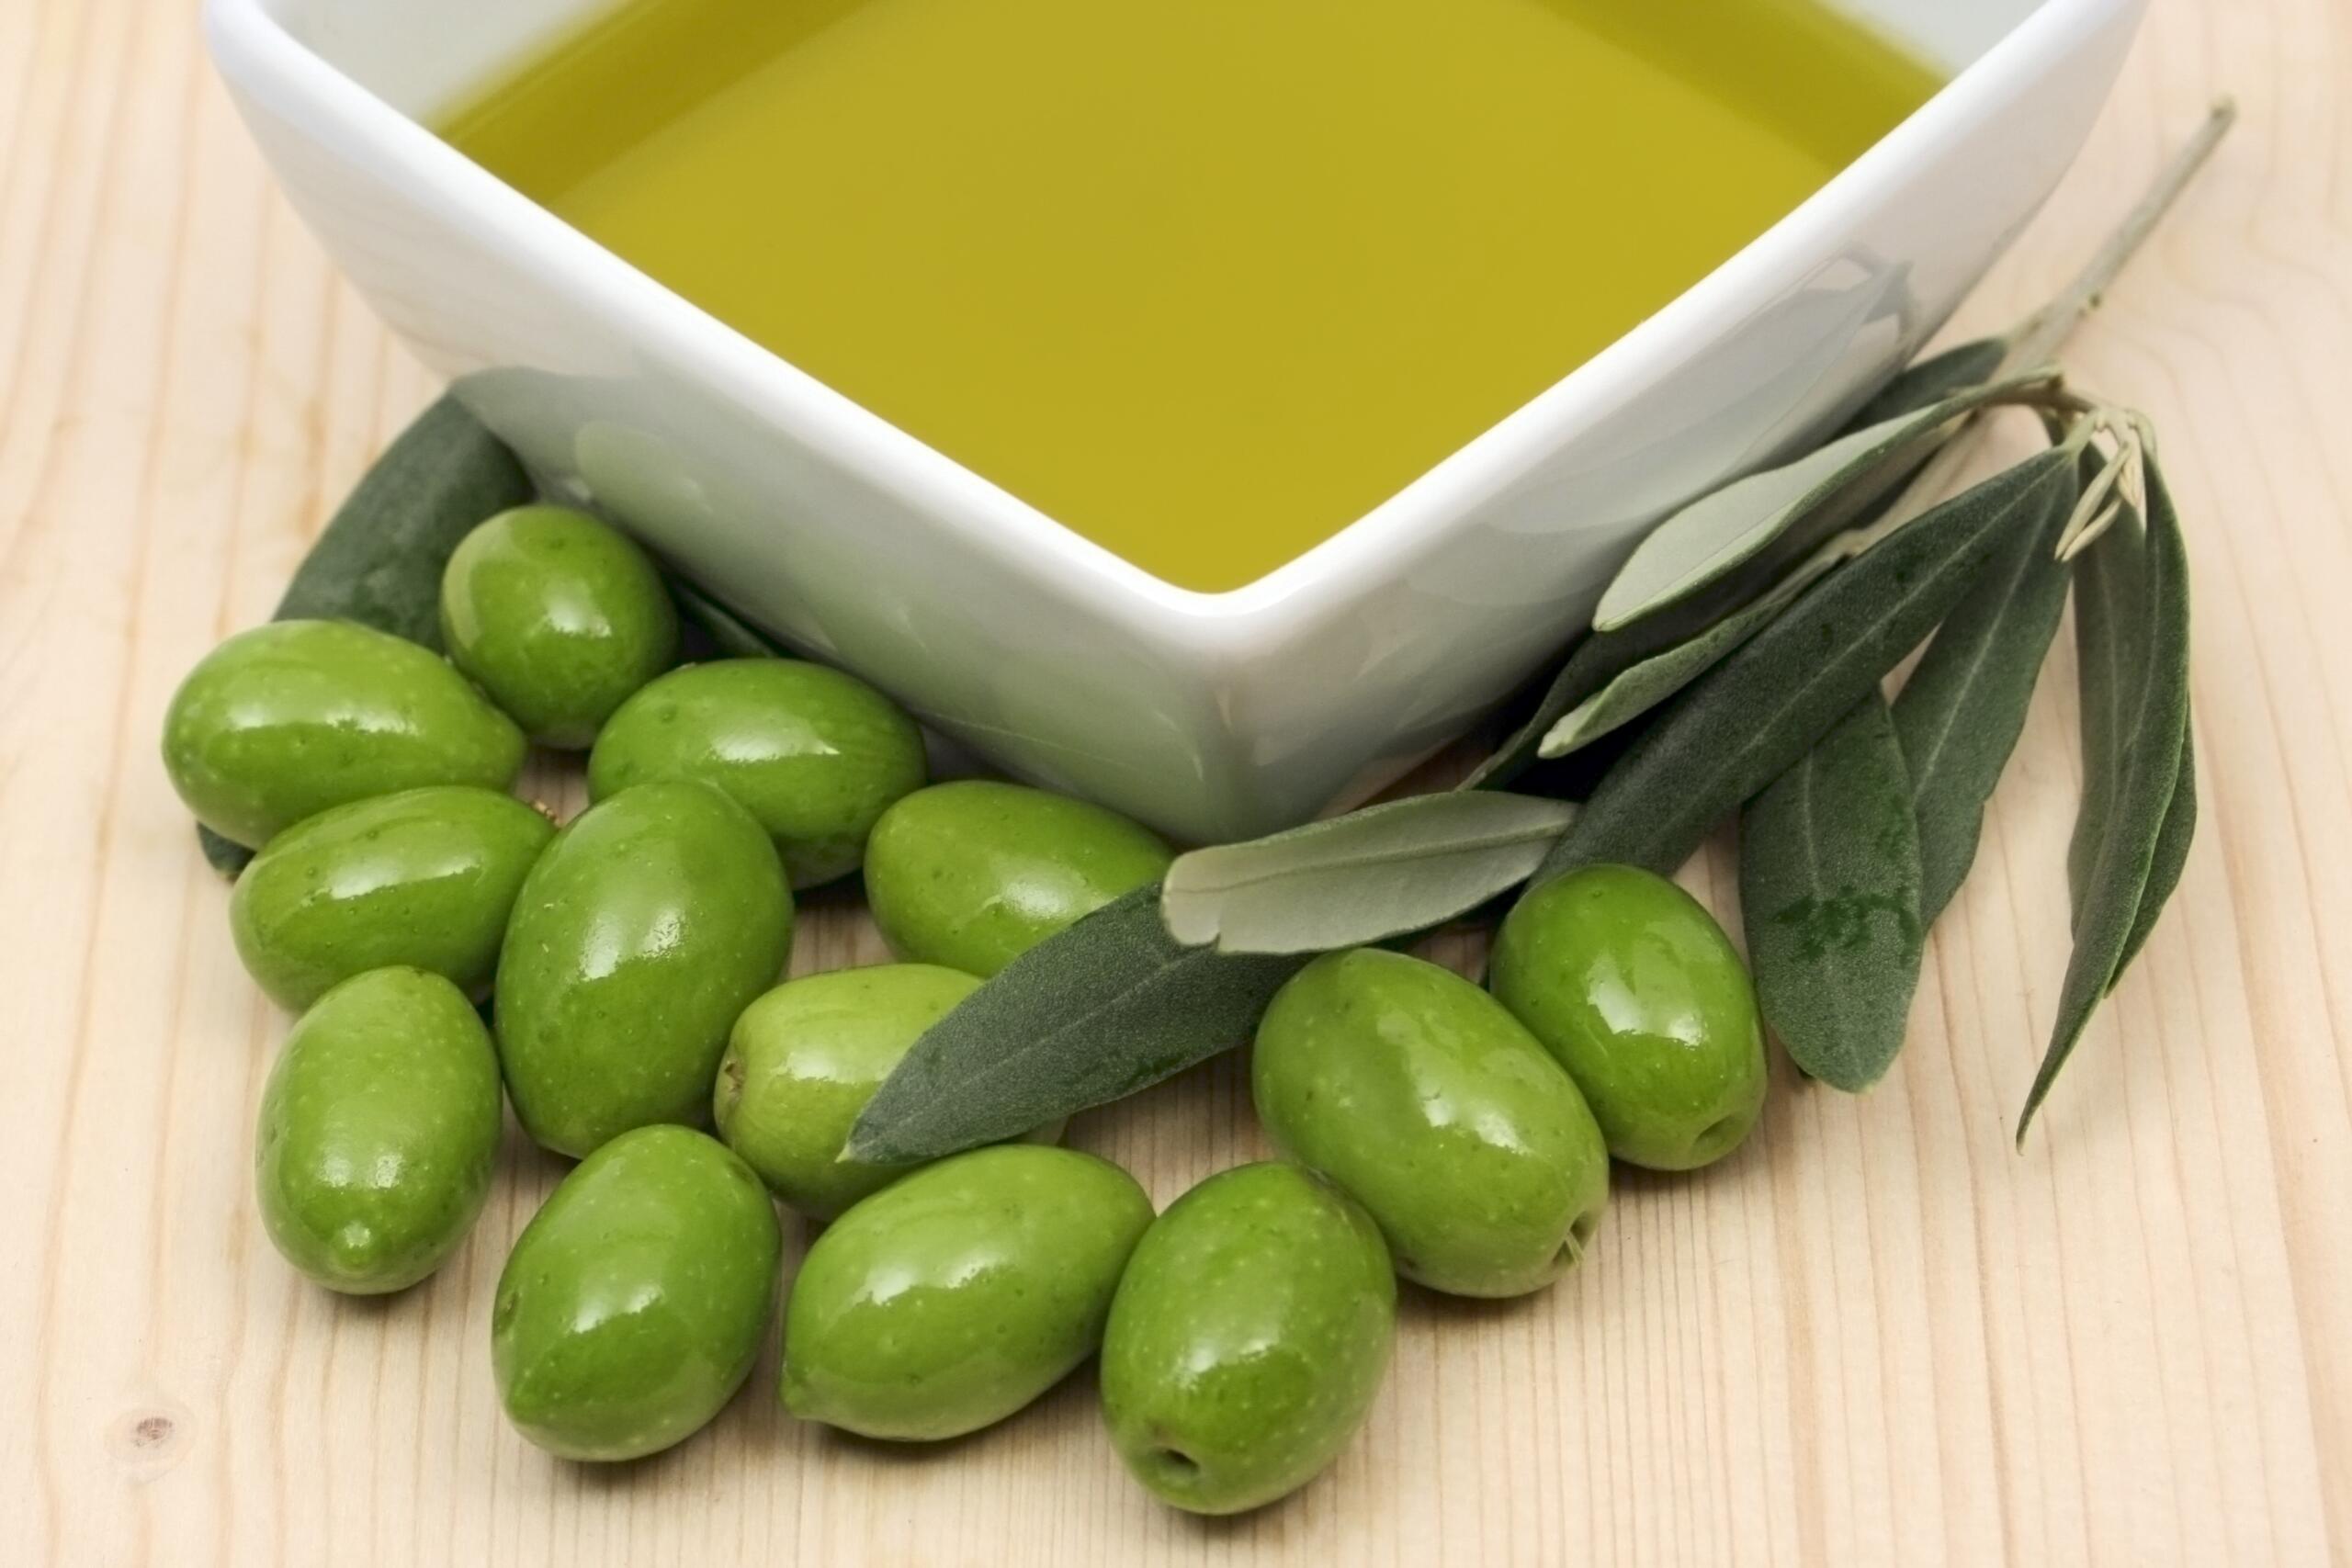 Dünya genelinde, sağlık iksiri zeytin ve zeytinyağına olan talepte artış var.